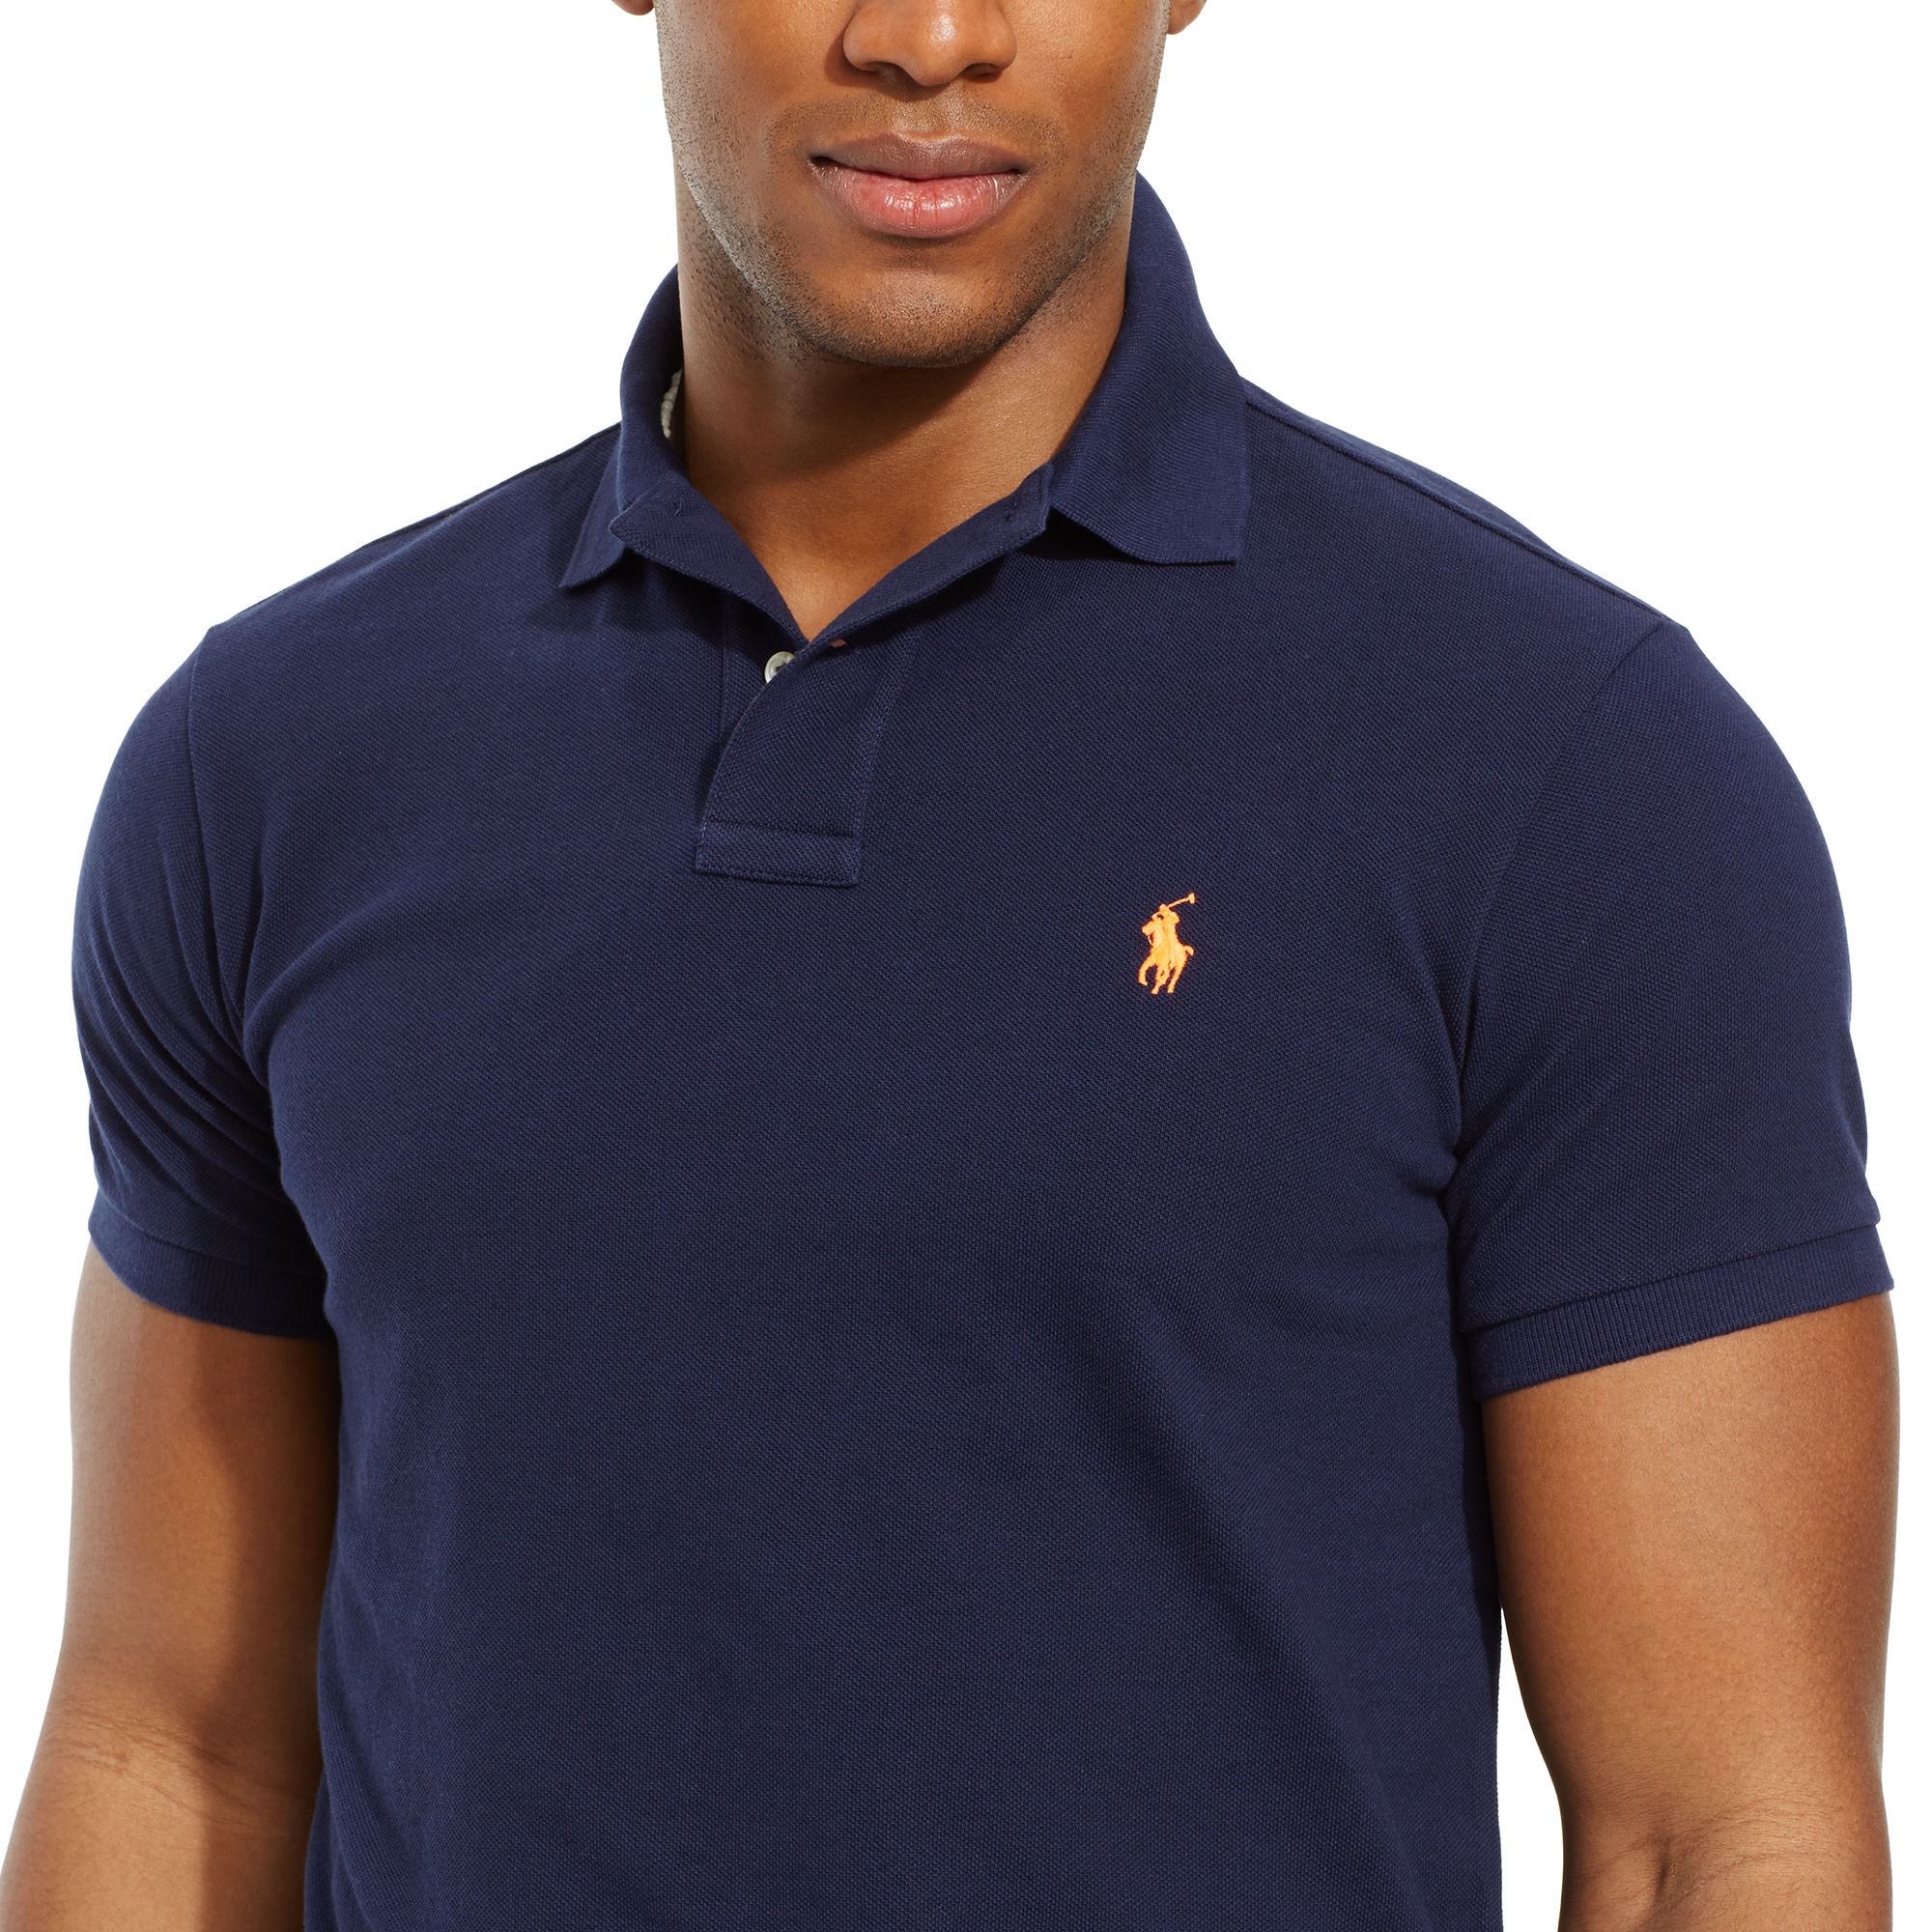 Polo Ralph Lauren Custom-fit Mesh Polo Shirt in Blue for Men - Lyst 5783e406e